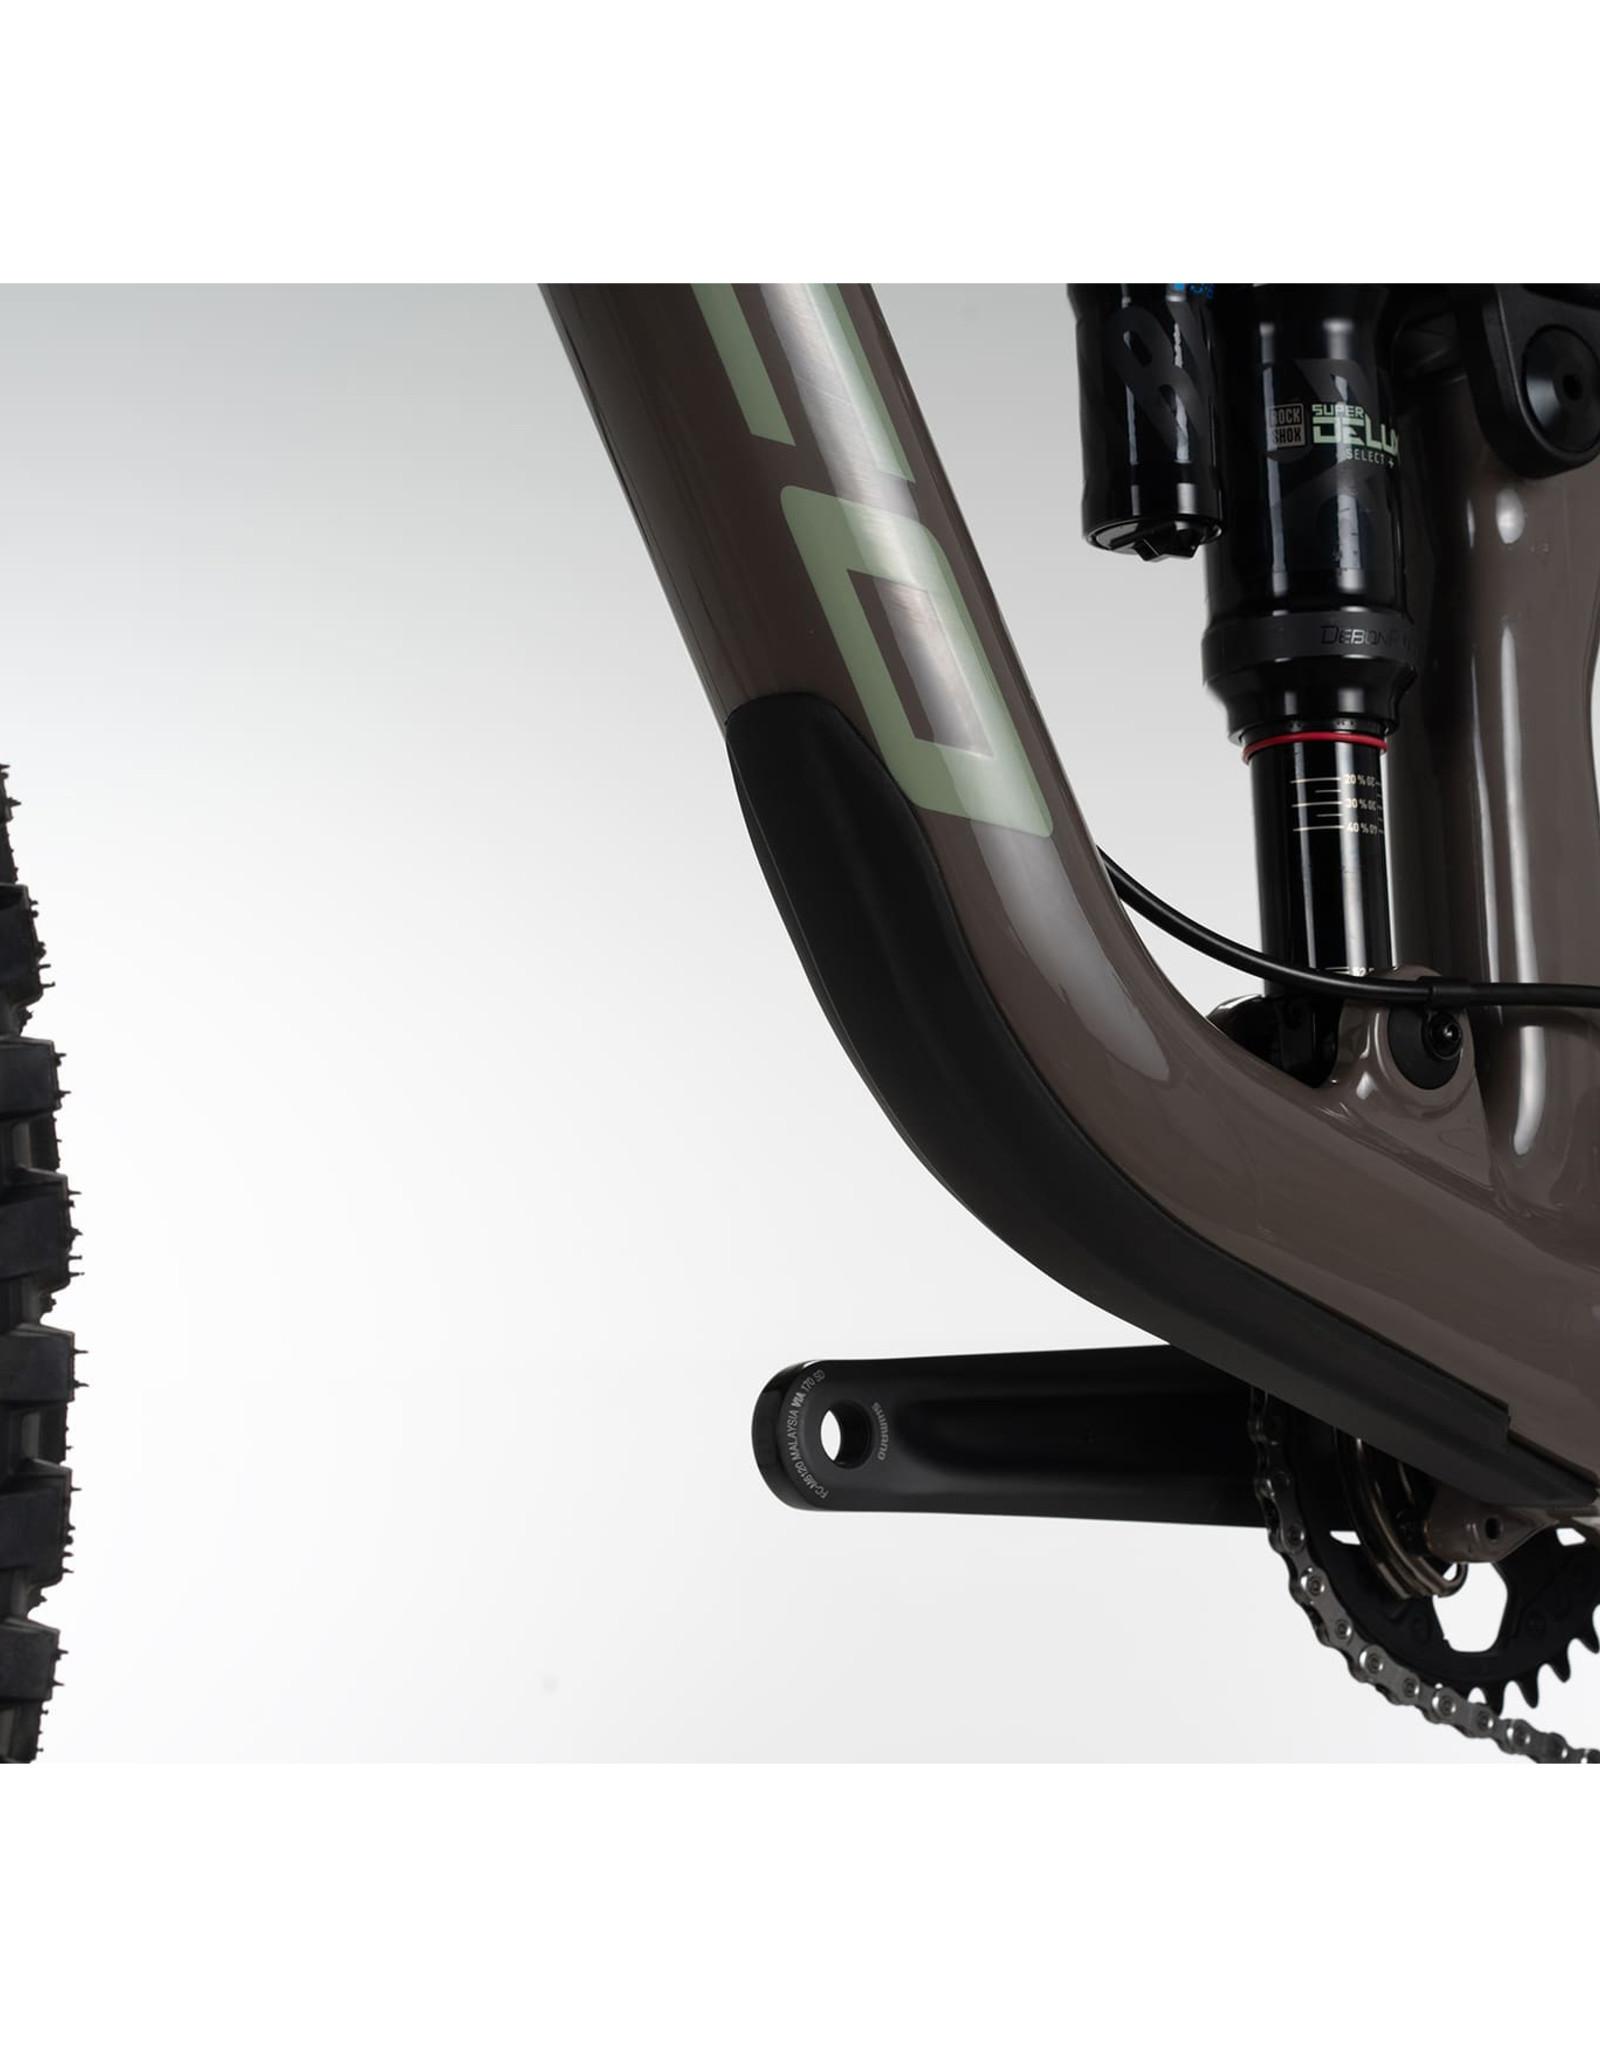 Norco Vélo Norco Sight C3 (29) 2021